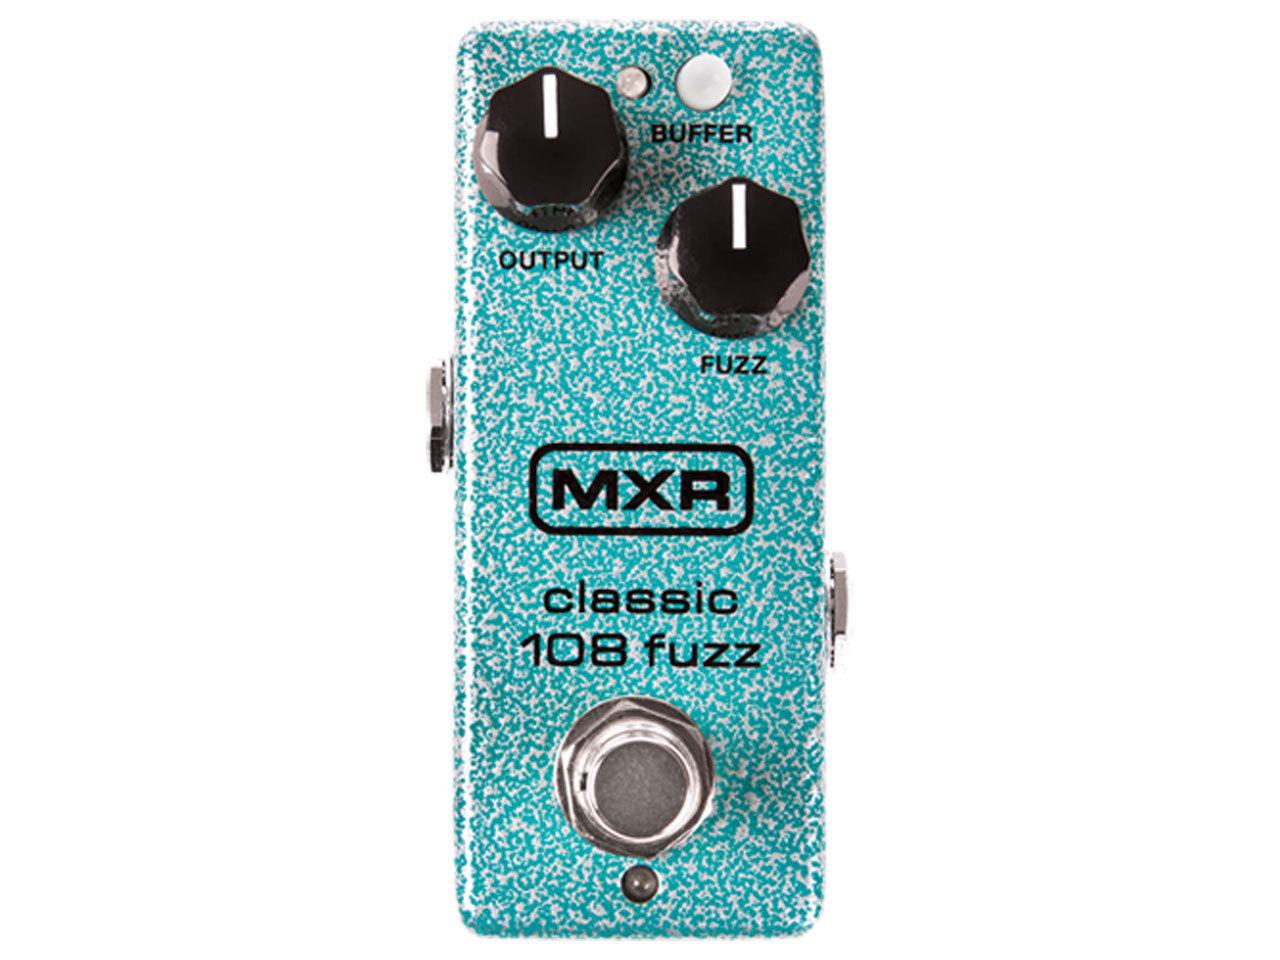 MXR M296 CLASSIC 108 FUZZ (MINI)